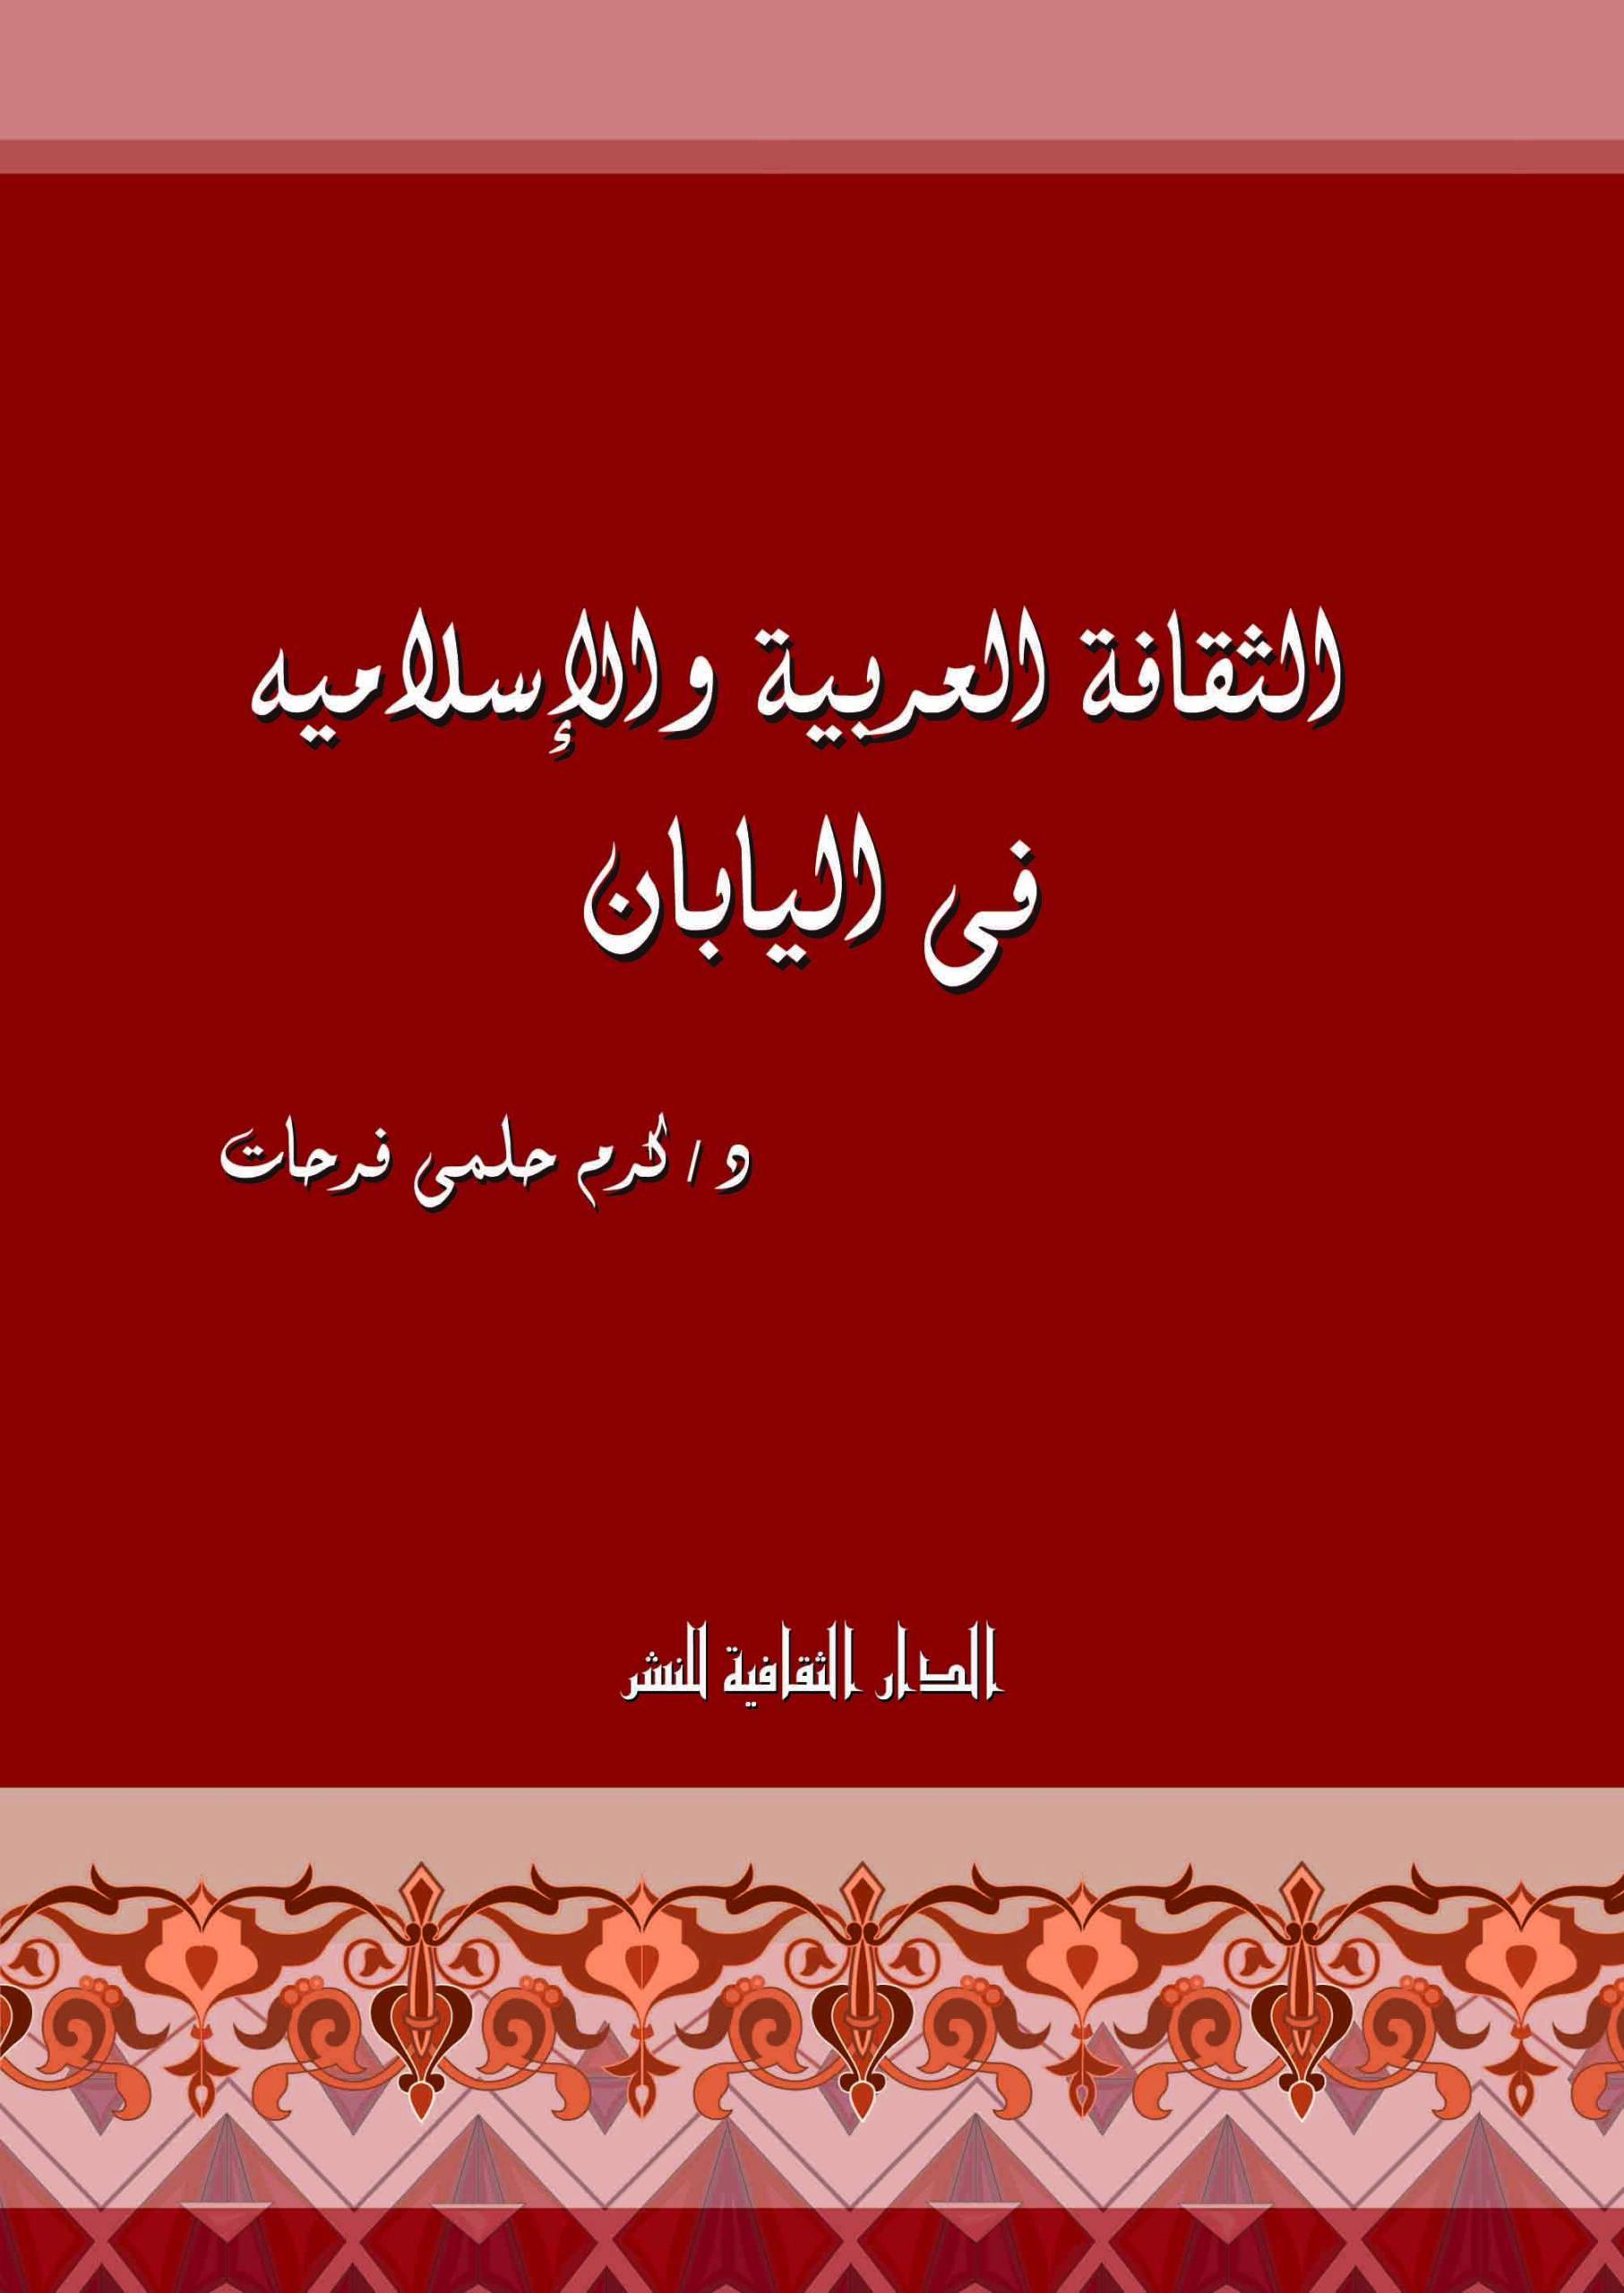 الثقافة العربية و الإسلامية فى اليابان